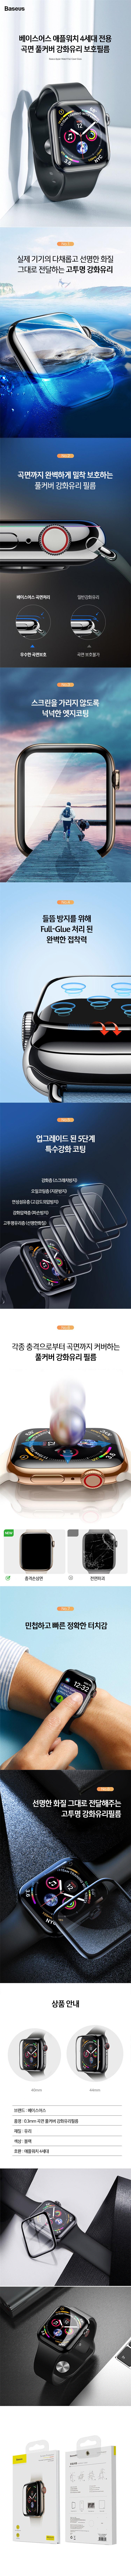 베이스어스 애플워치 4 5세대 전용 곡면 강화유리 풀커버 보호필름 - 베이스어스, 13,900원, 스마트워치/밴드, 스마트워치 주변기기